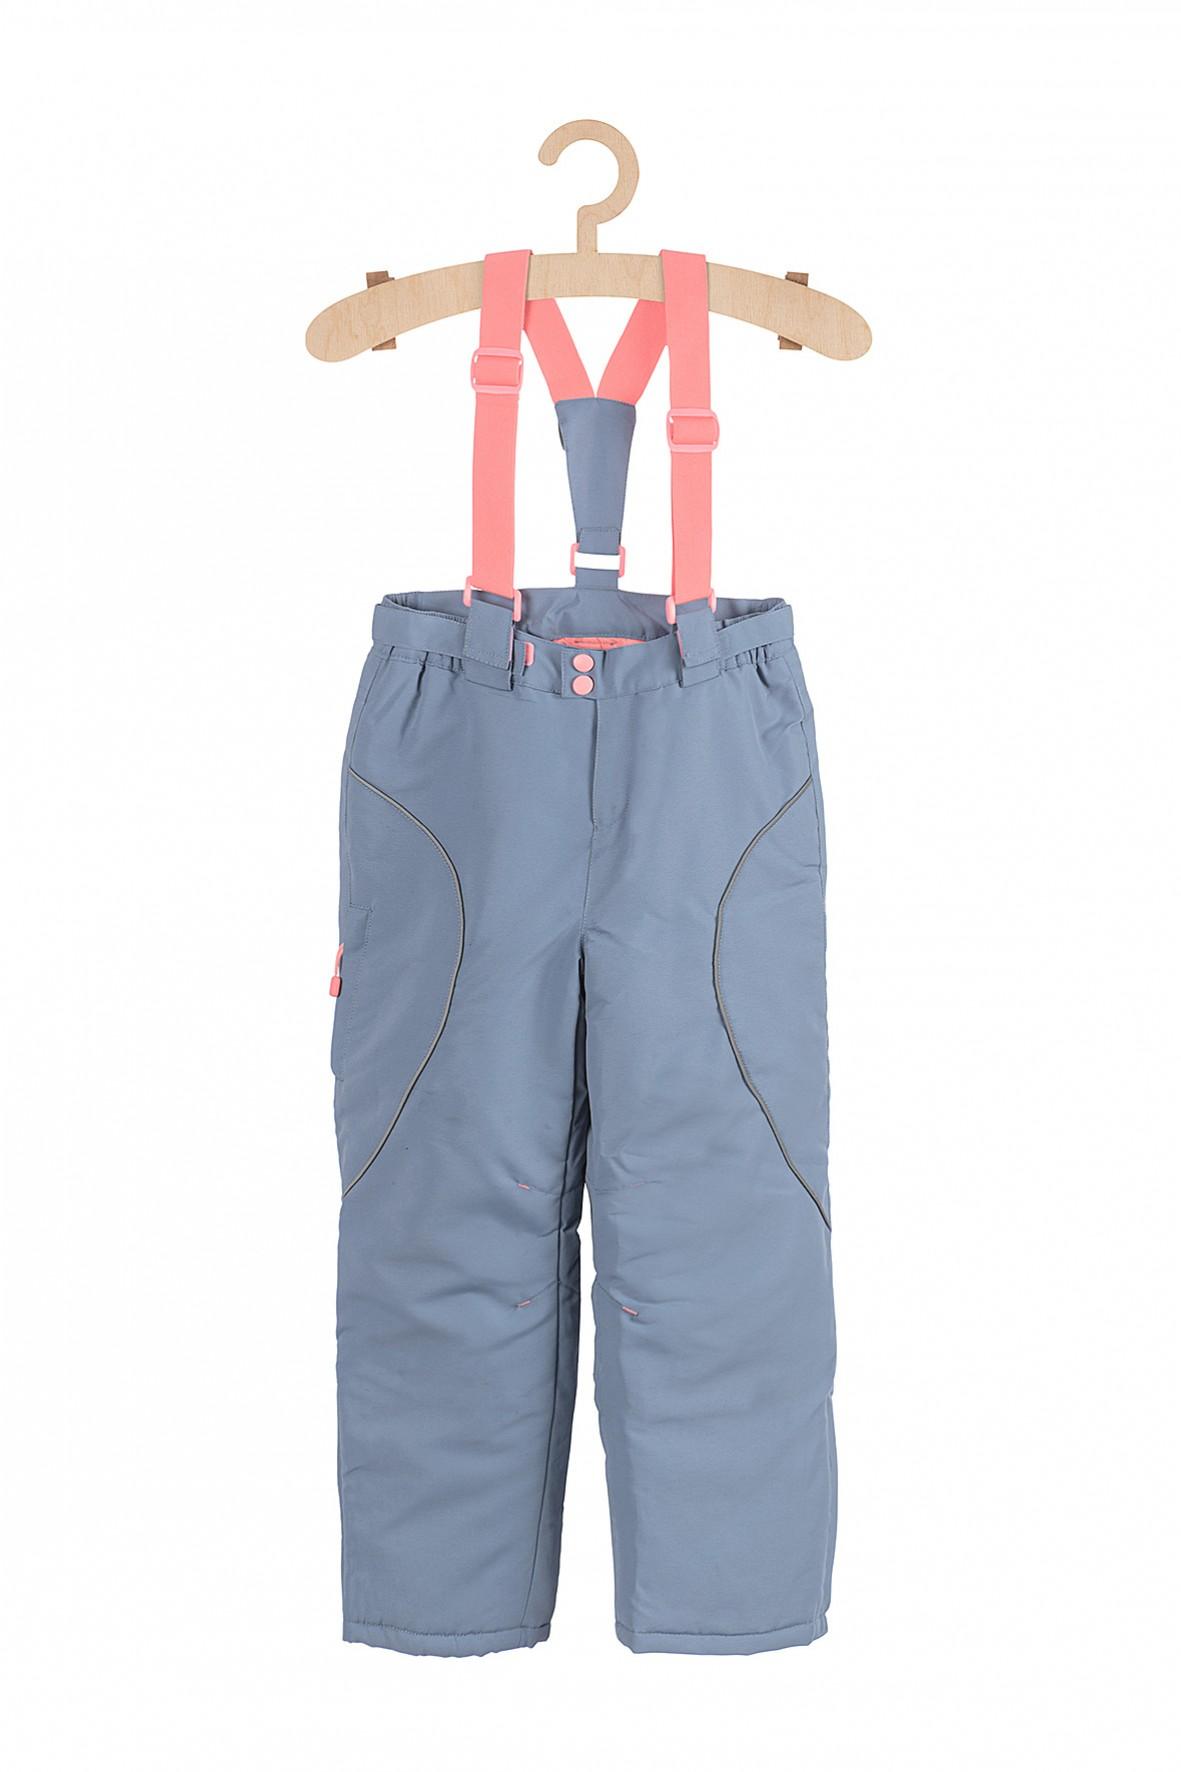 Spodnie narciarskie dziewczęce z elementami odblaskowymi